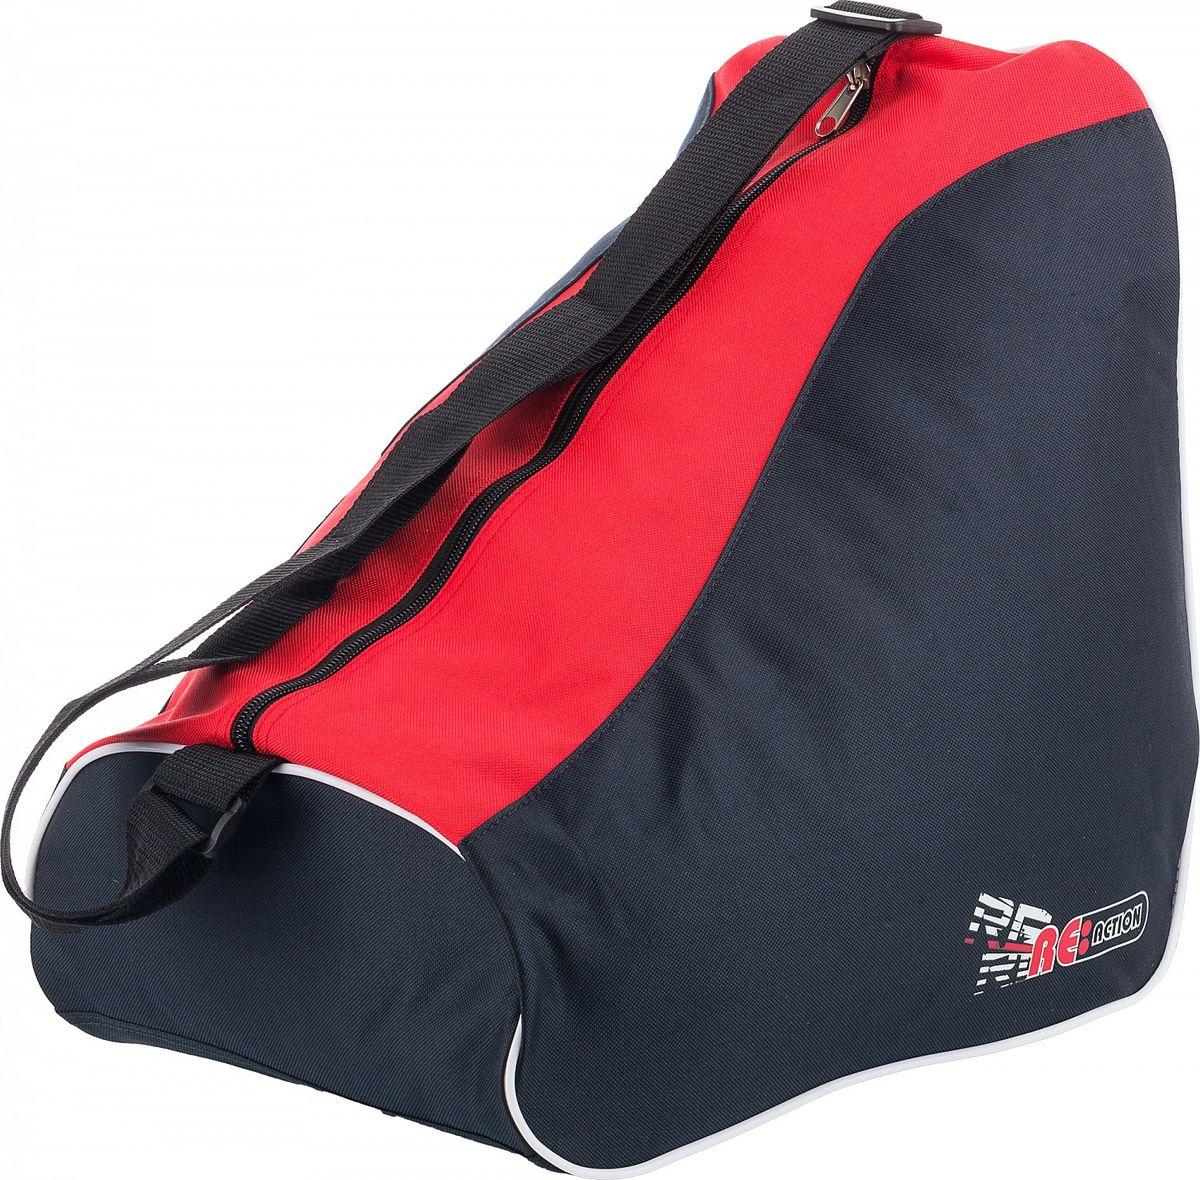 """Сумка для роликов Reaction """"Kid's Carry Bag For Inline Skates"""", детская, цвет: черный, красный"""